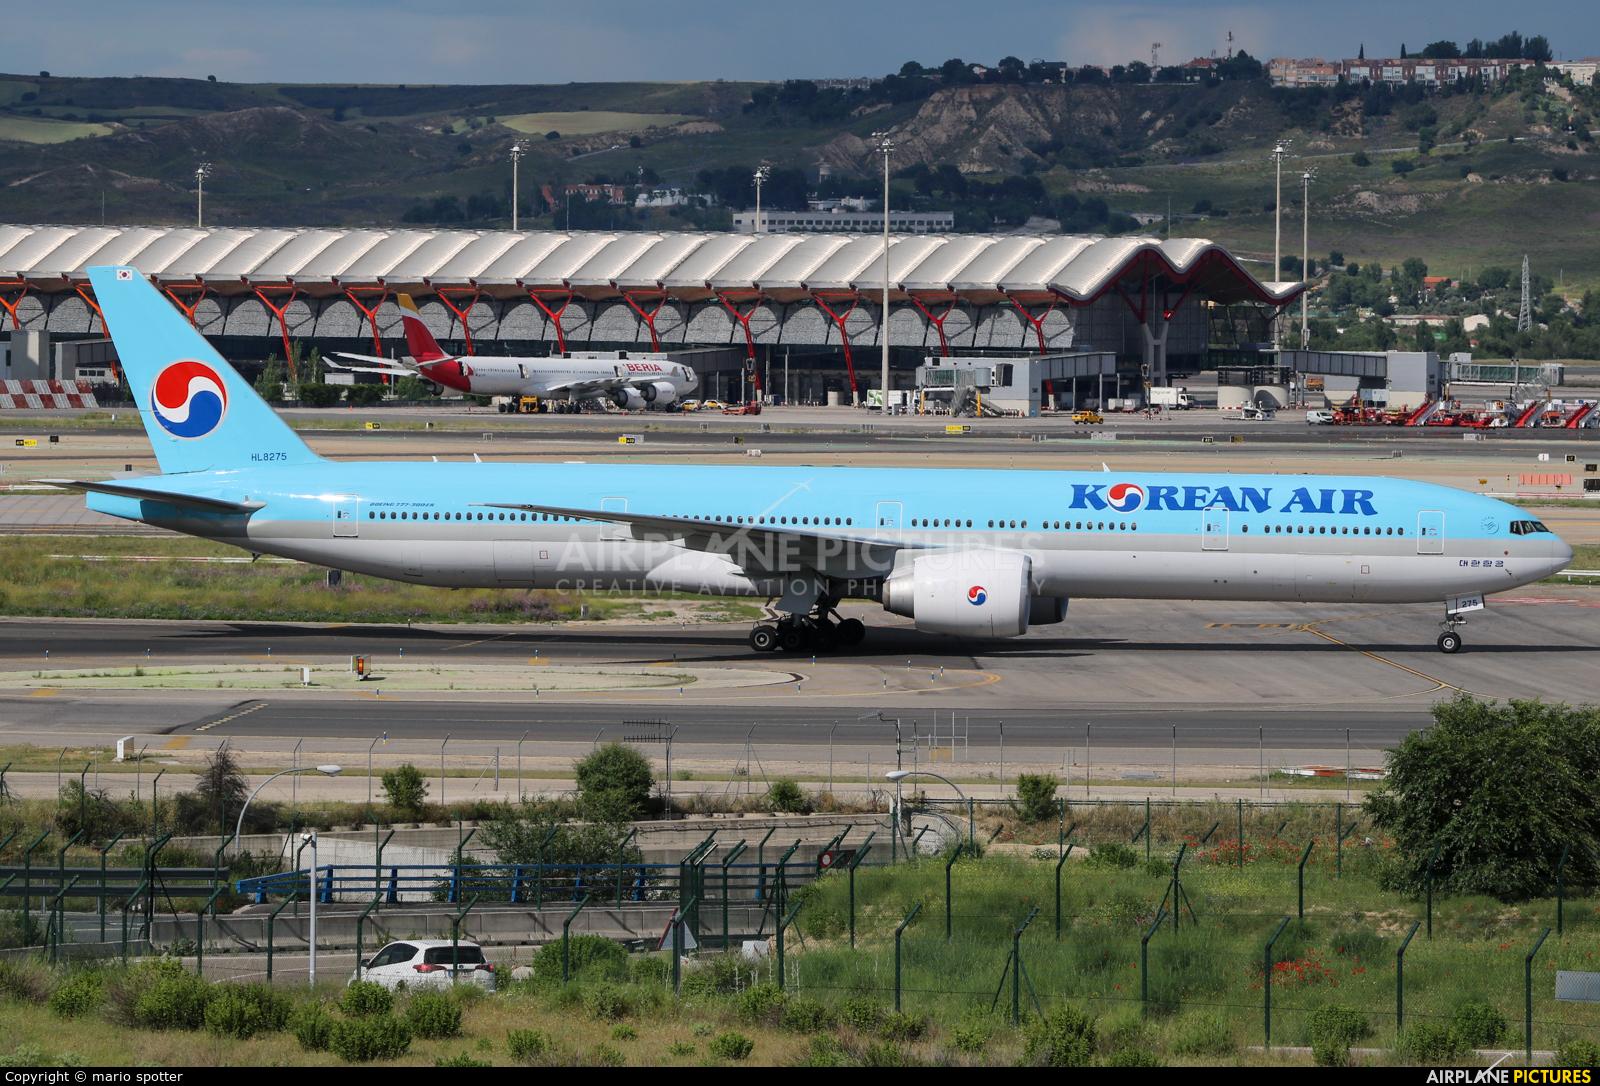 Korean Air HL8275 aircraft at Madrid - Barajas